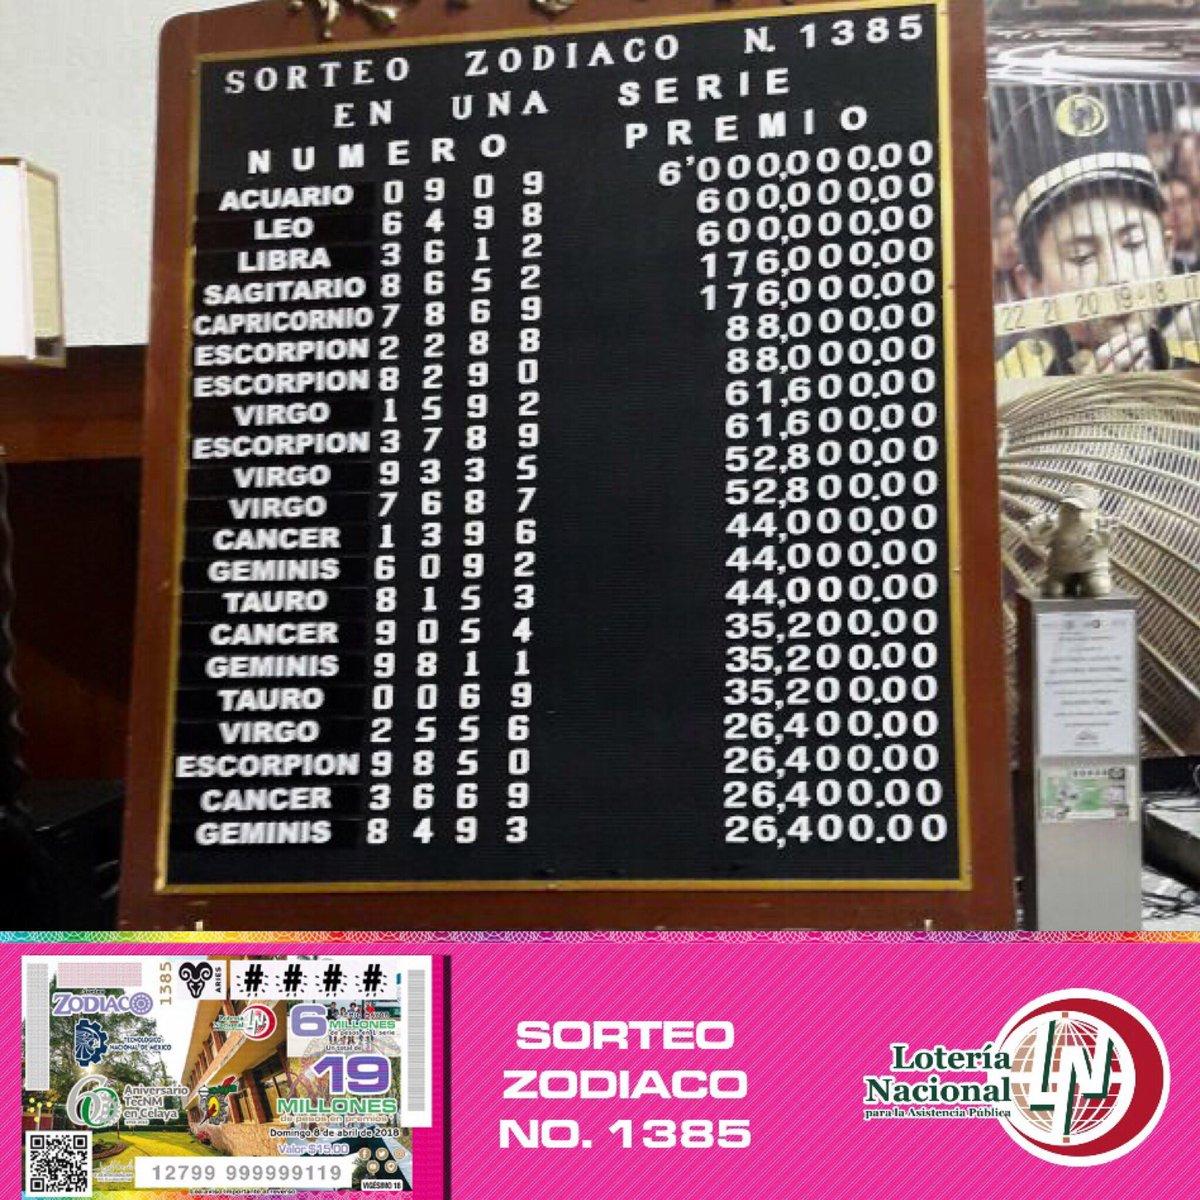 Resultados sorteo zodiaco 1385